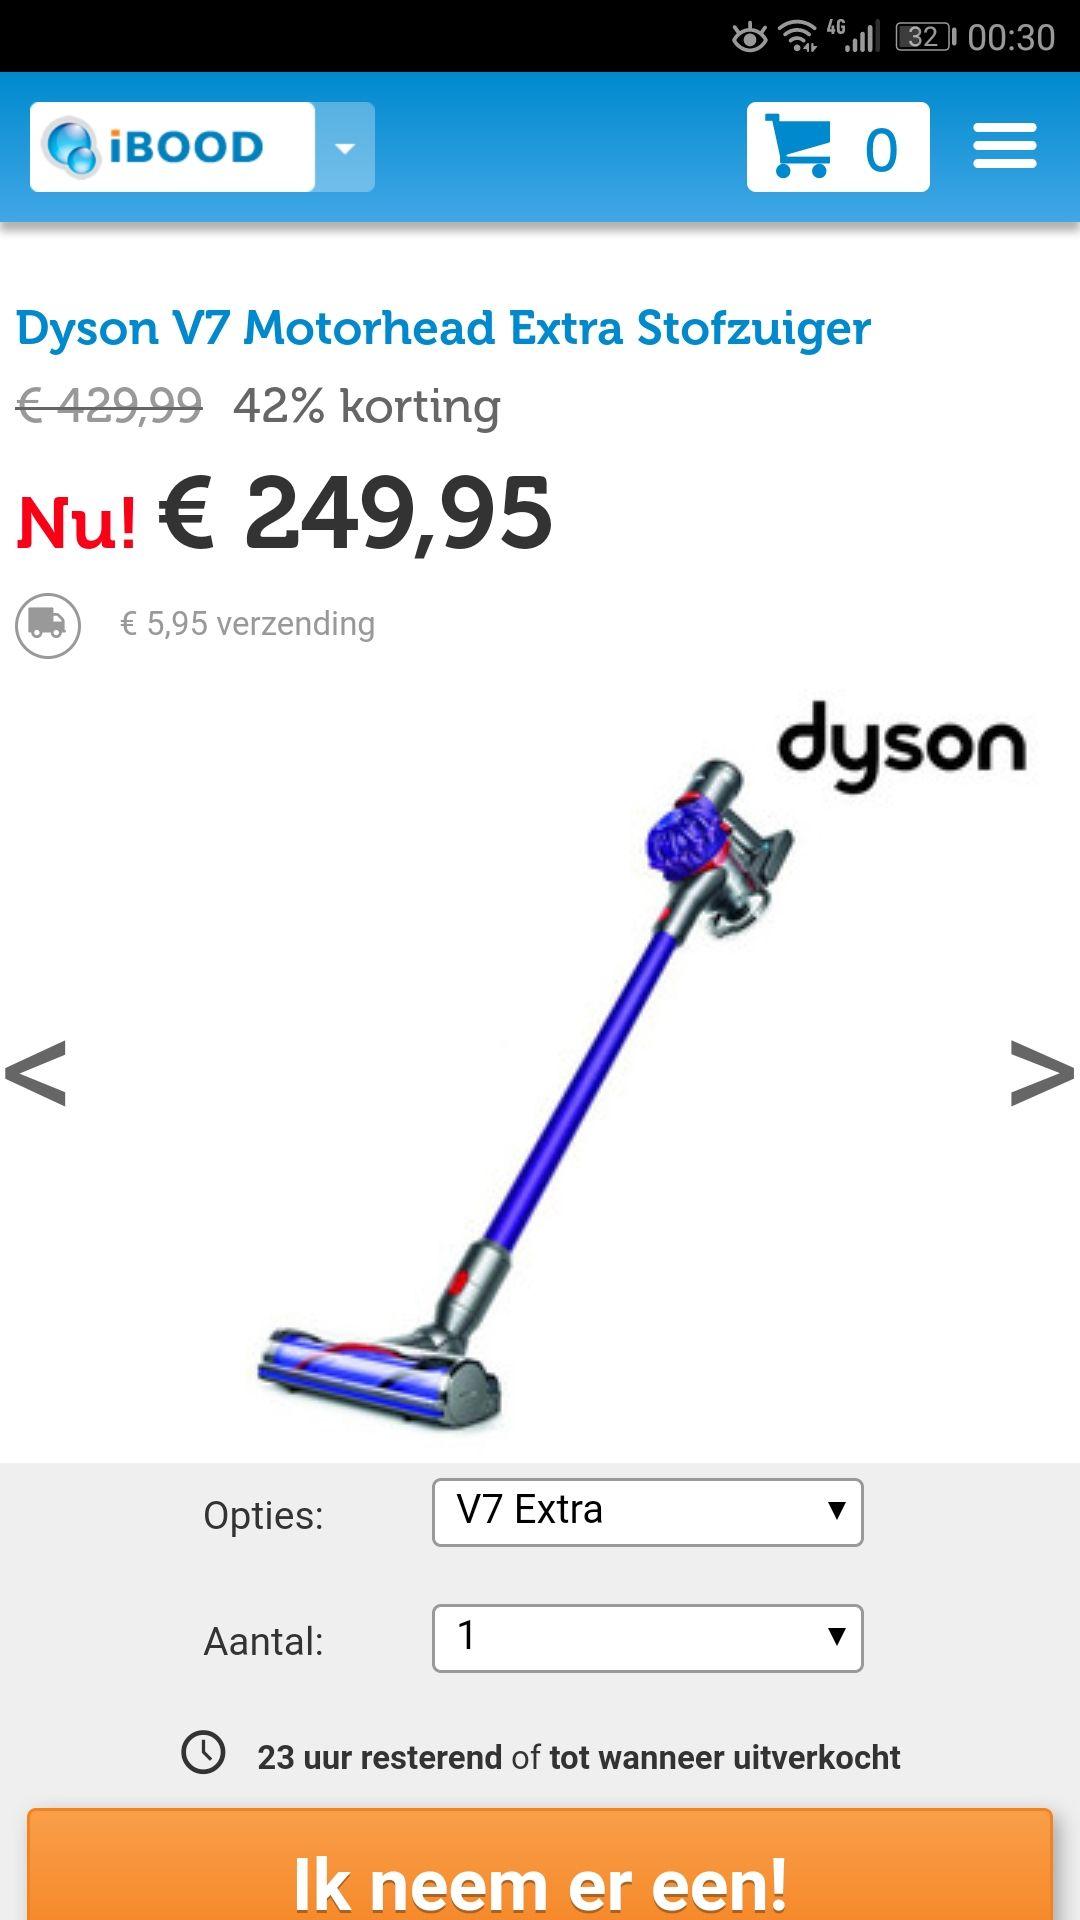 Dyson V7 Motorhead Extra Stofzuiger